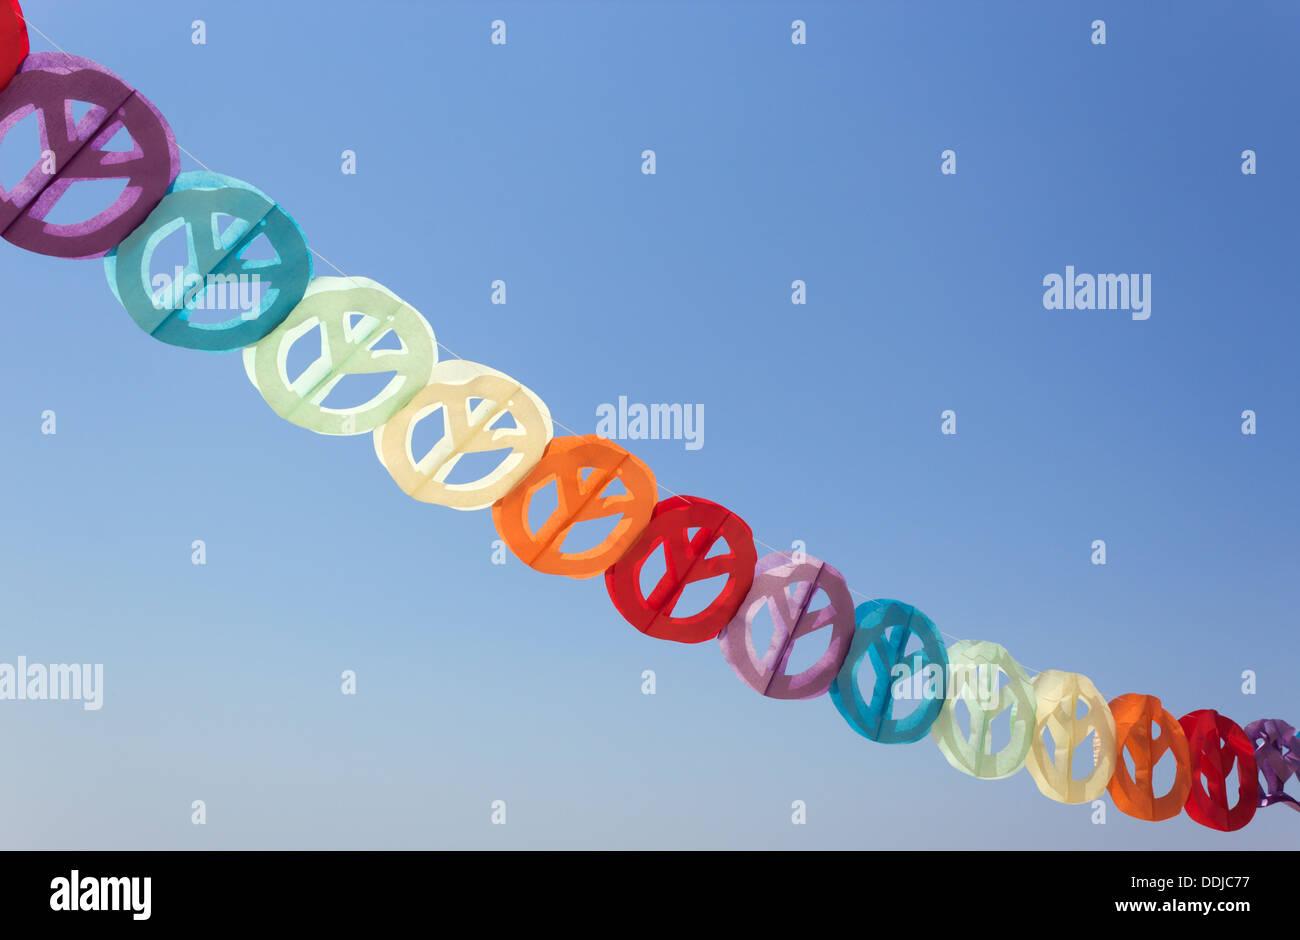 Guirnalda de papel de color signos de paz contra el cielo azul. Imagen De Stock